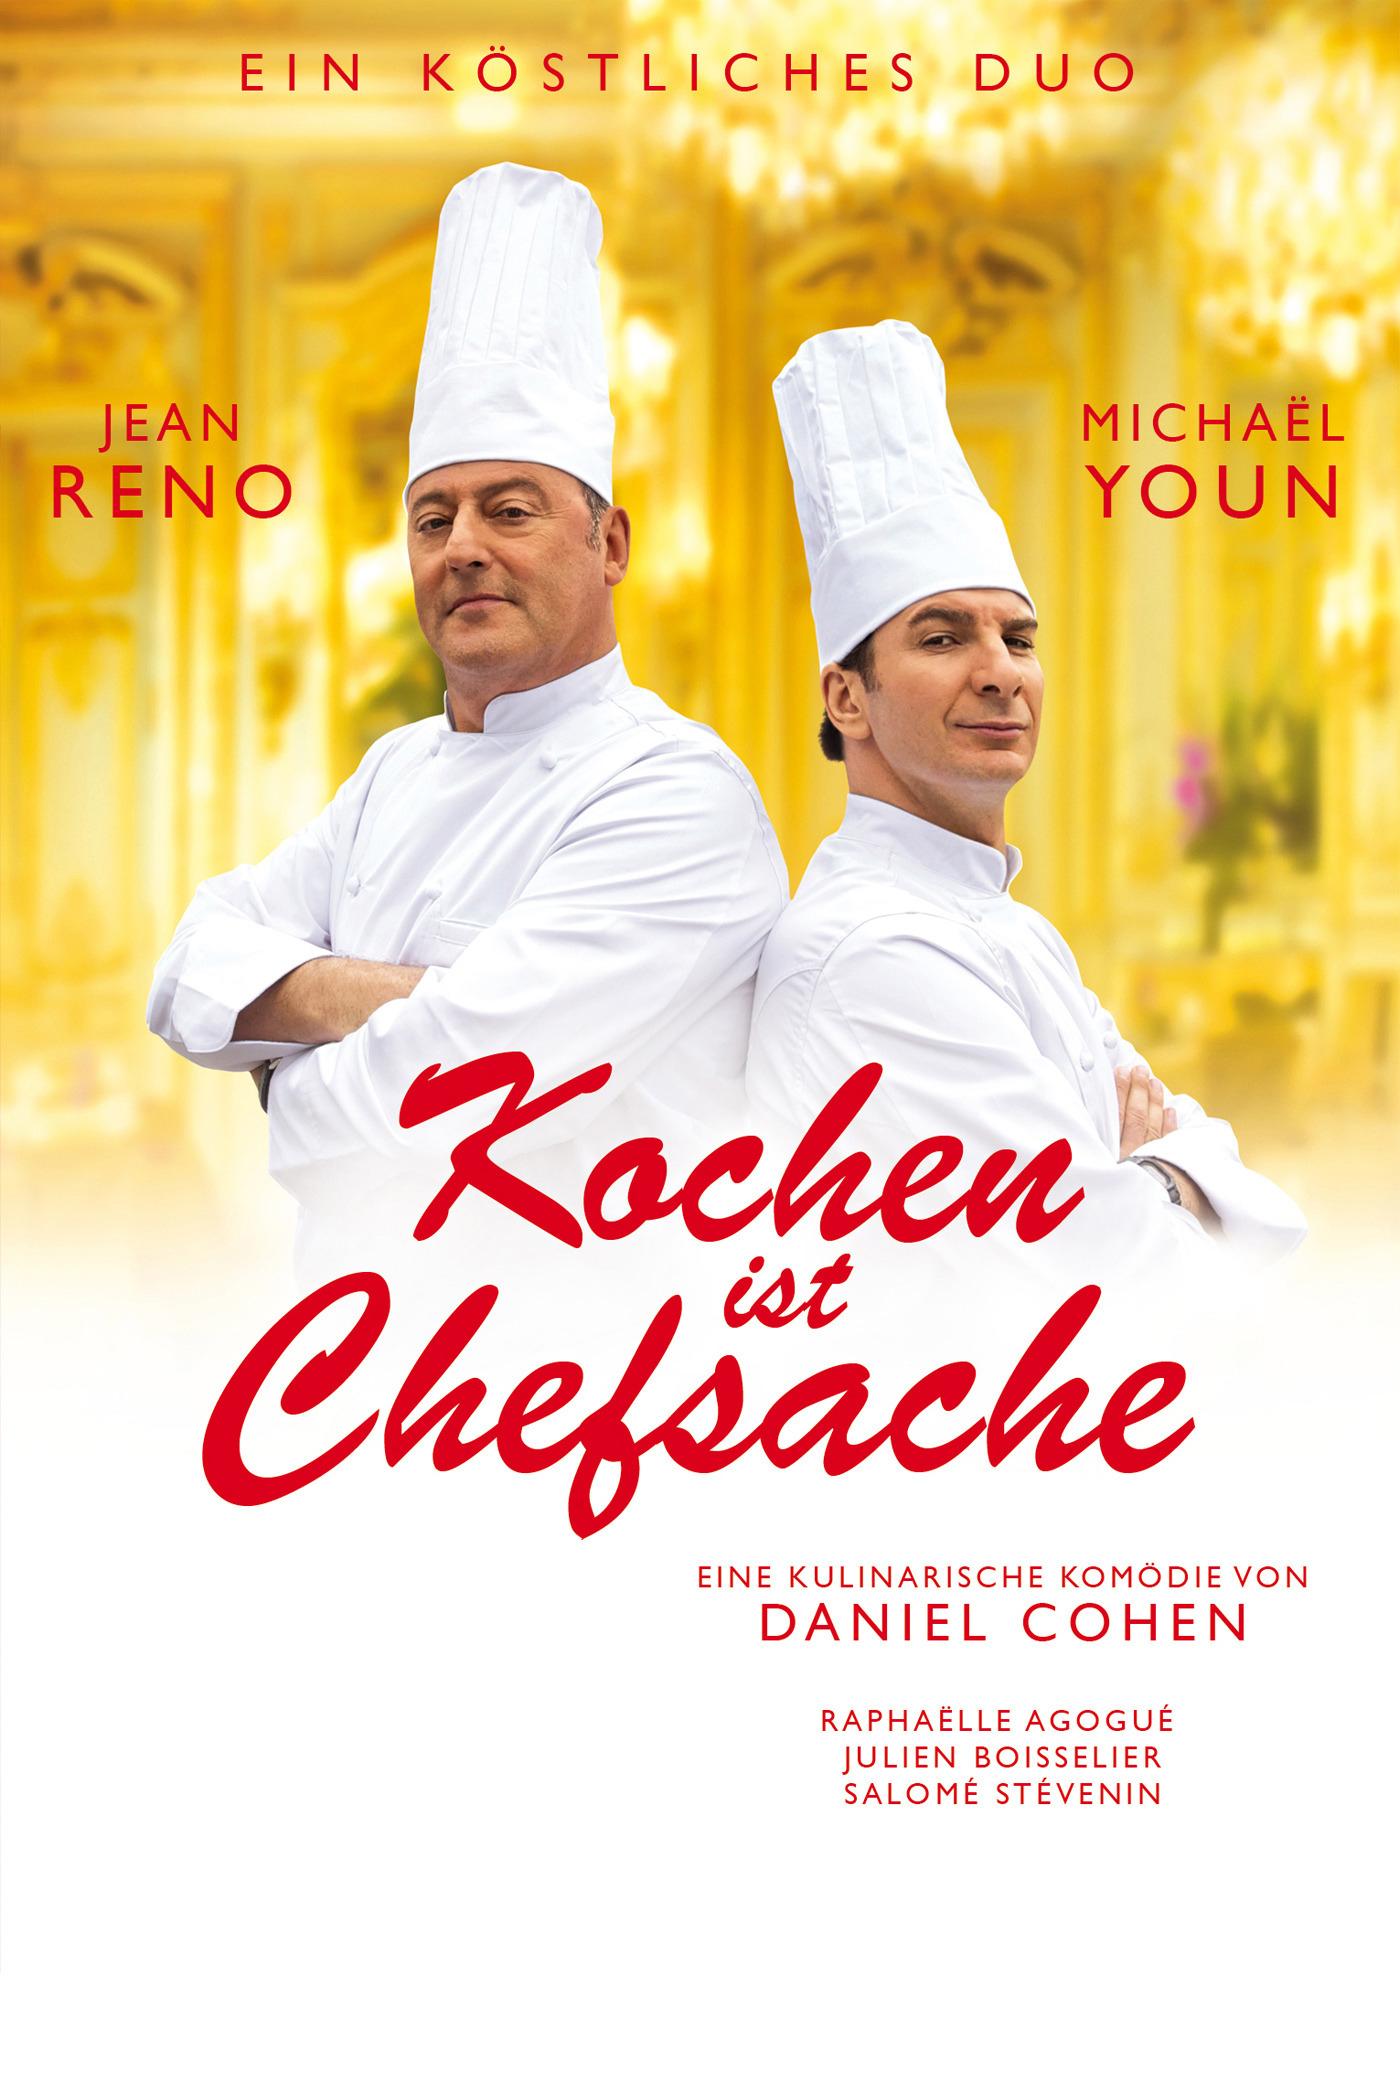 Kochen ist Chefsache - Komödie mit Jean Reno kostenlos im Stream (SRF)